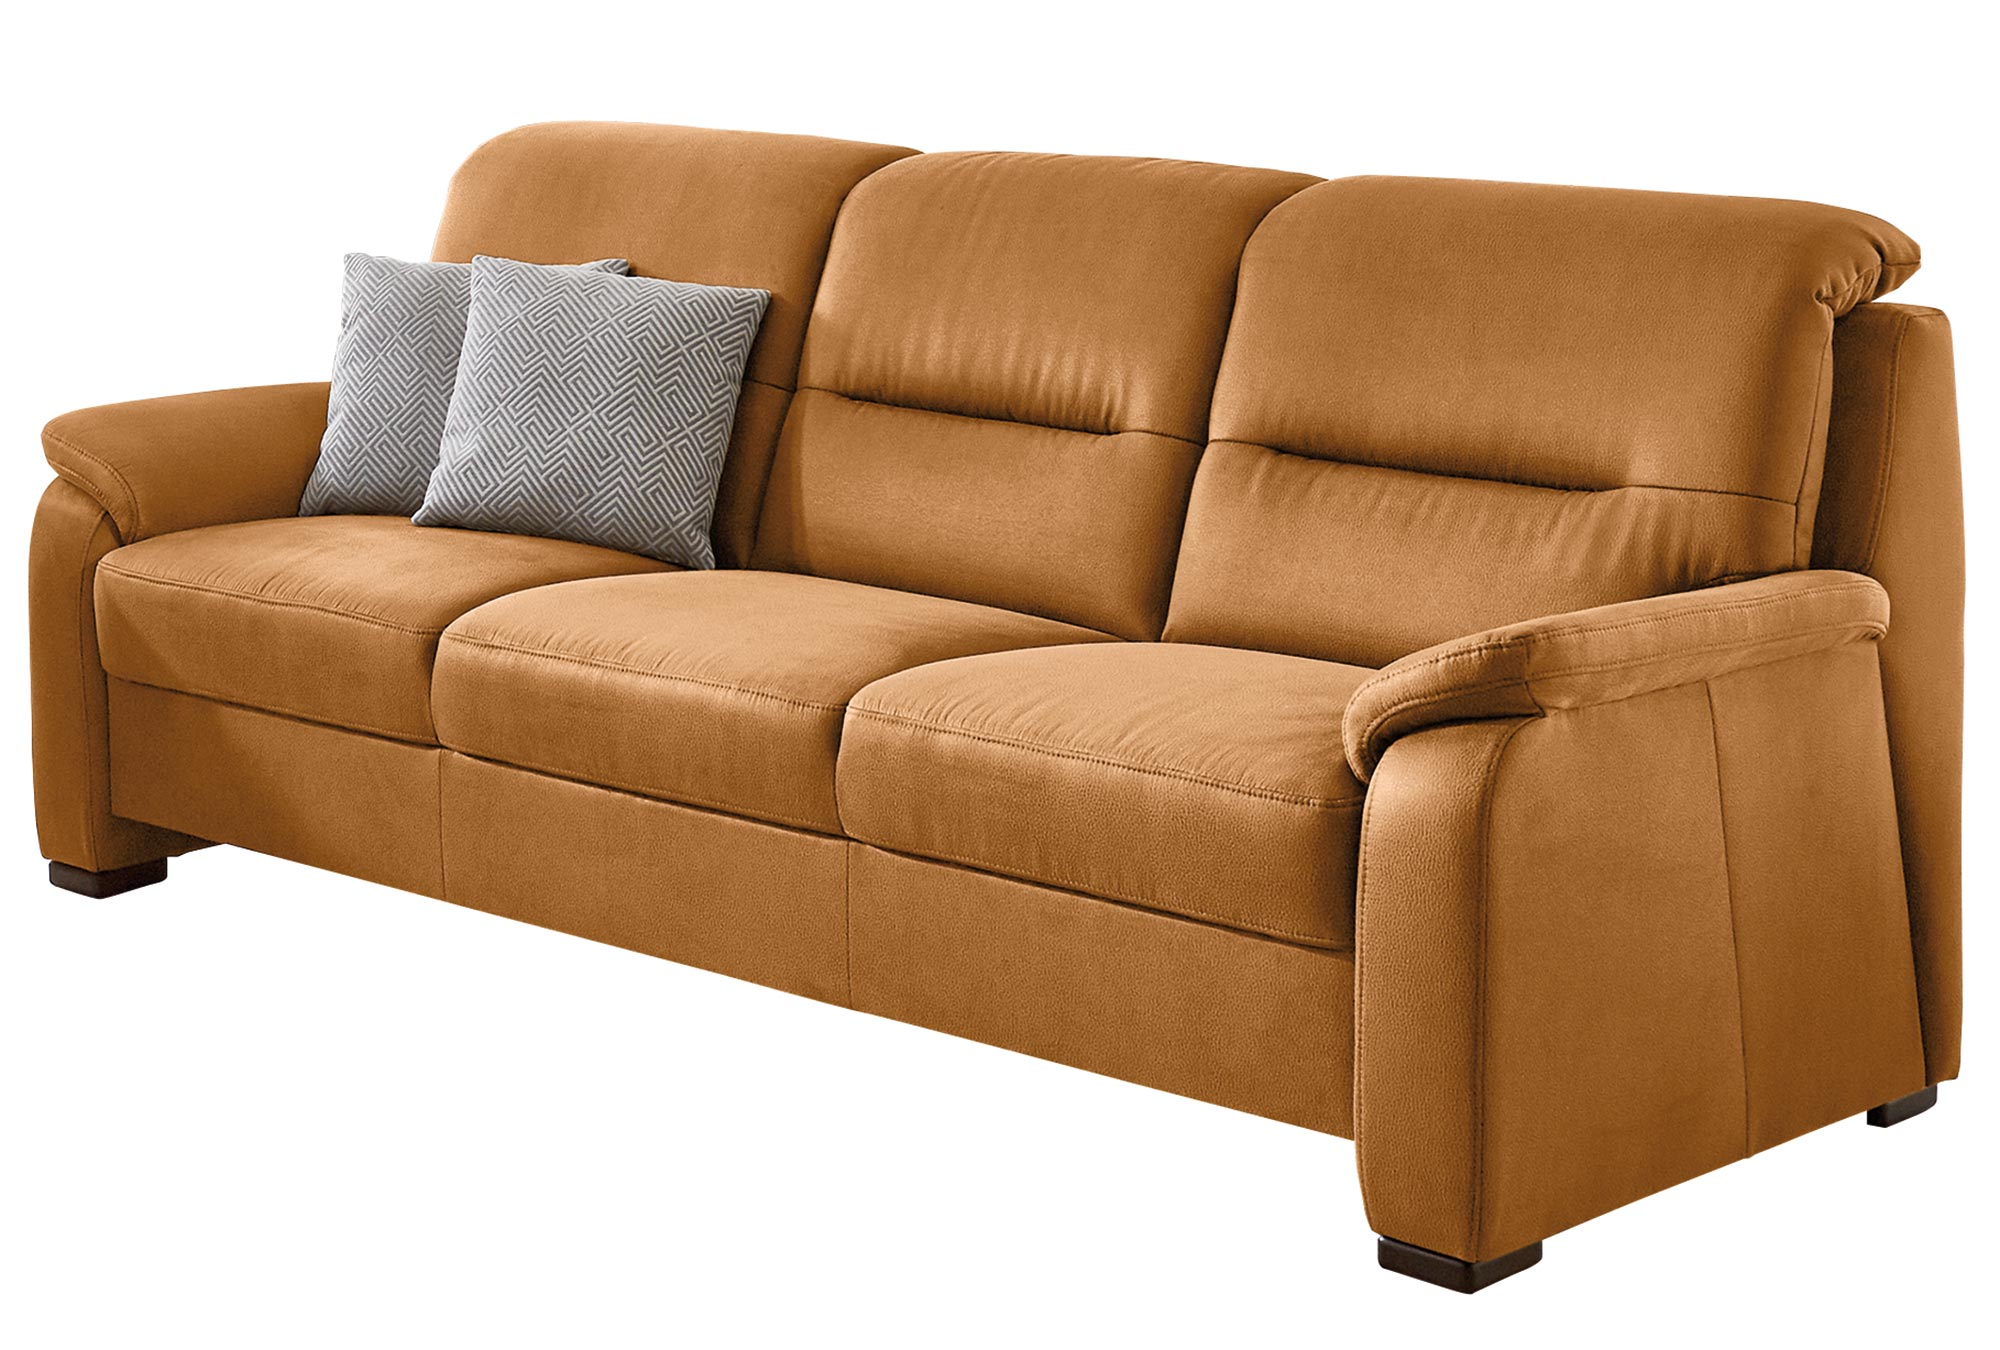 polsterpower 3-Sitzer-Sofa - braun - Microfaser   Online ...